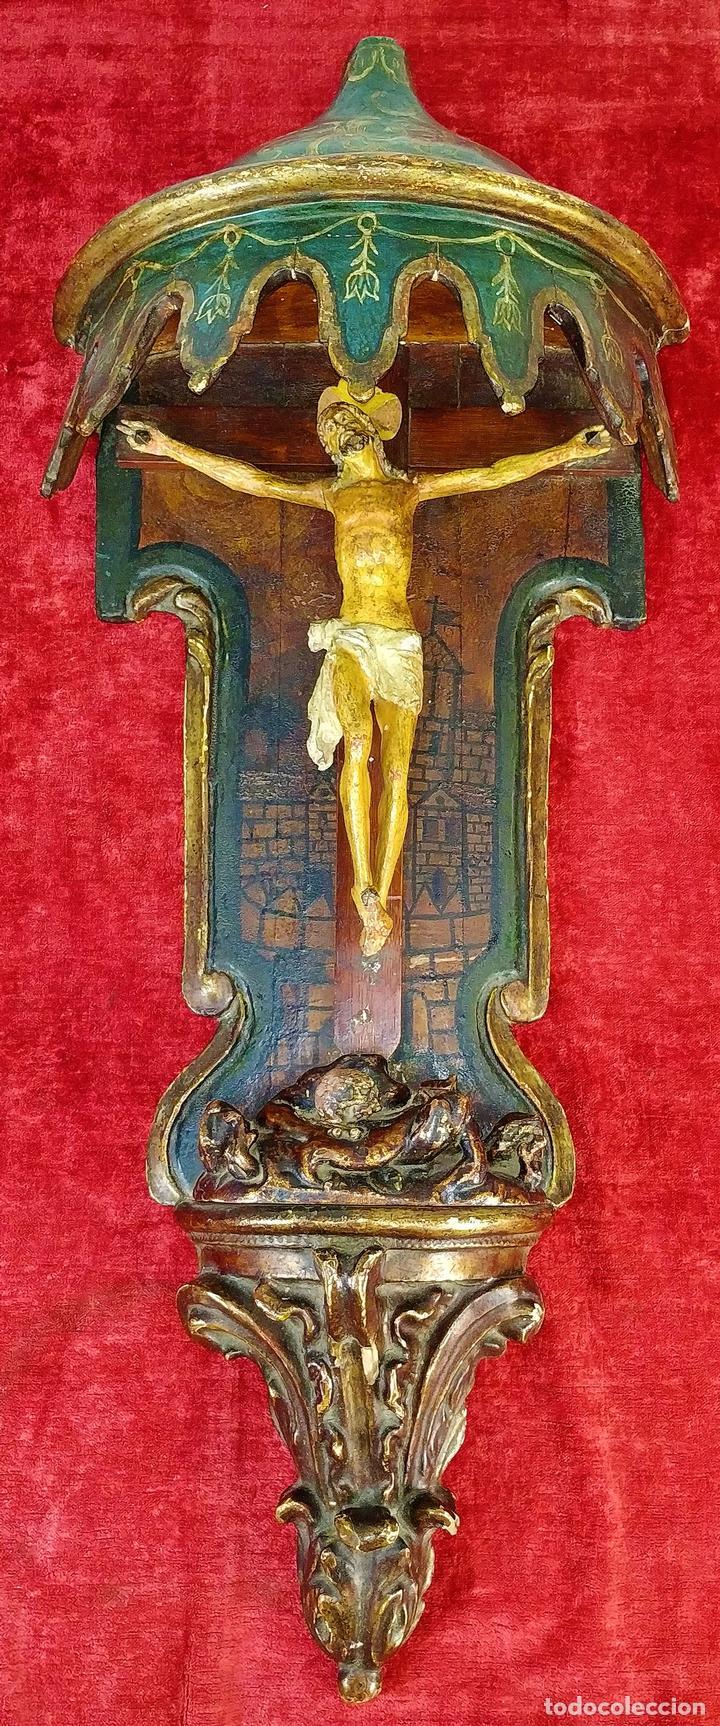 CAPILLA CON CRUCIFIJO. MADERA TALLADA Y POLICROMADA. ESPAÑA. XVII-XVIII (Arte - Arte Religioso - Escultura)